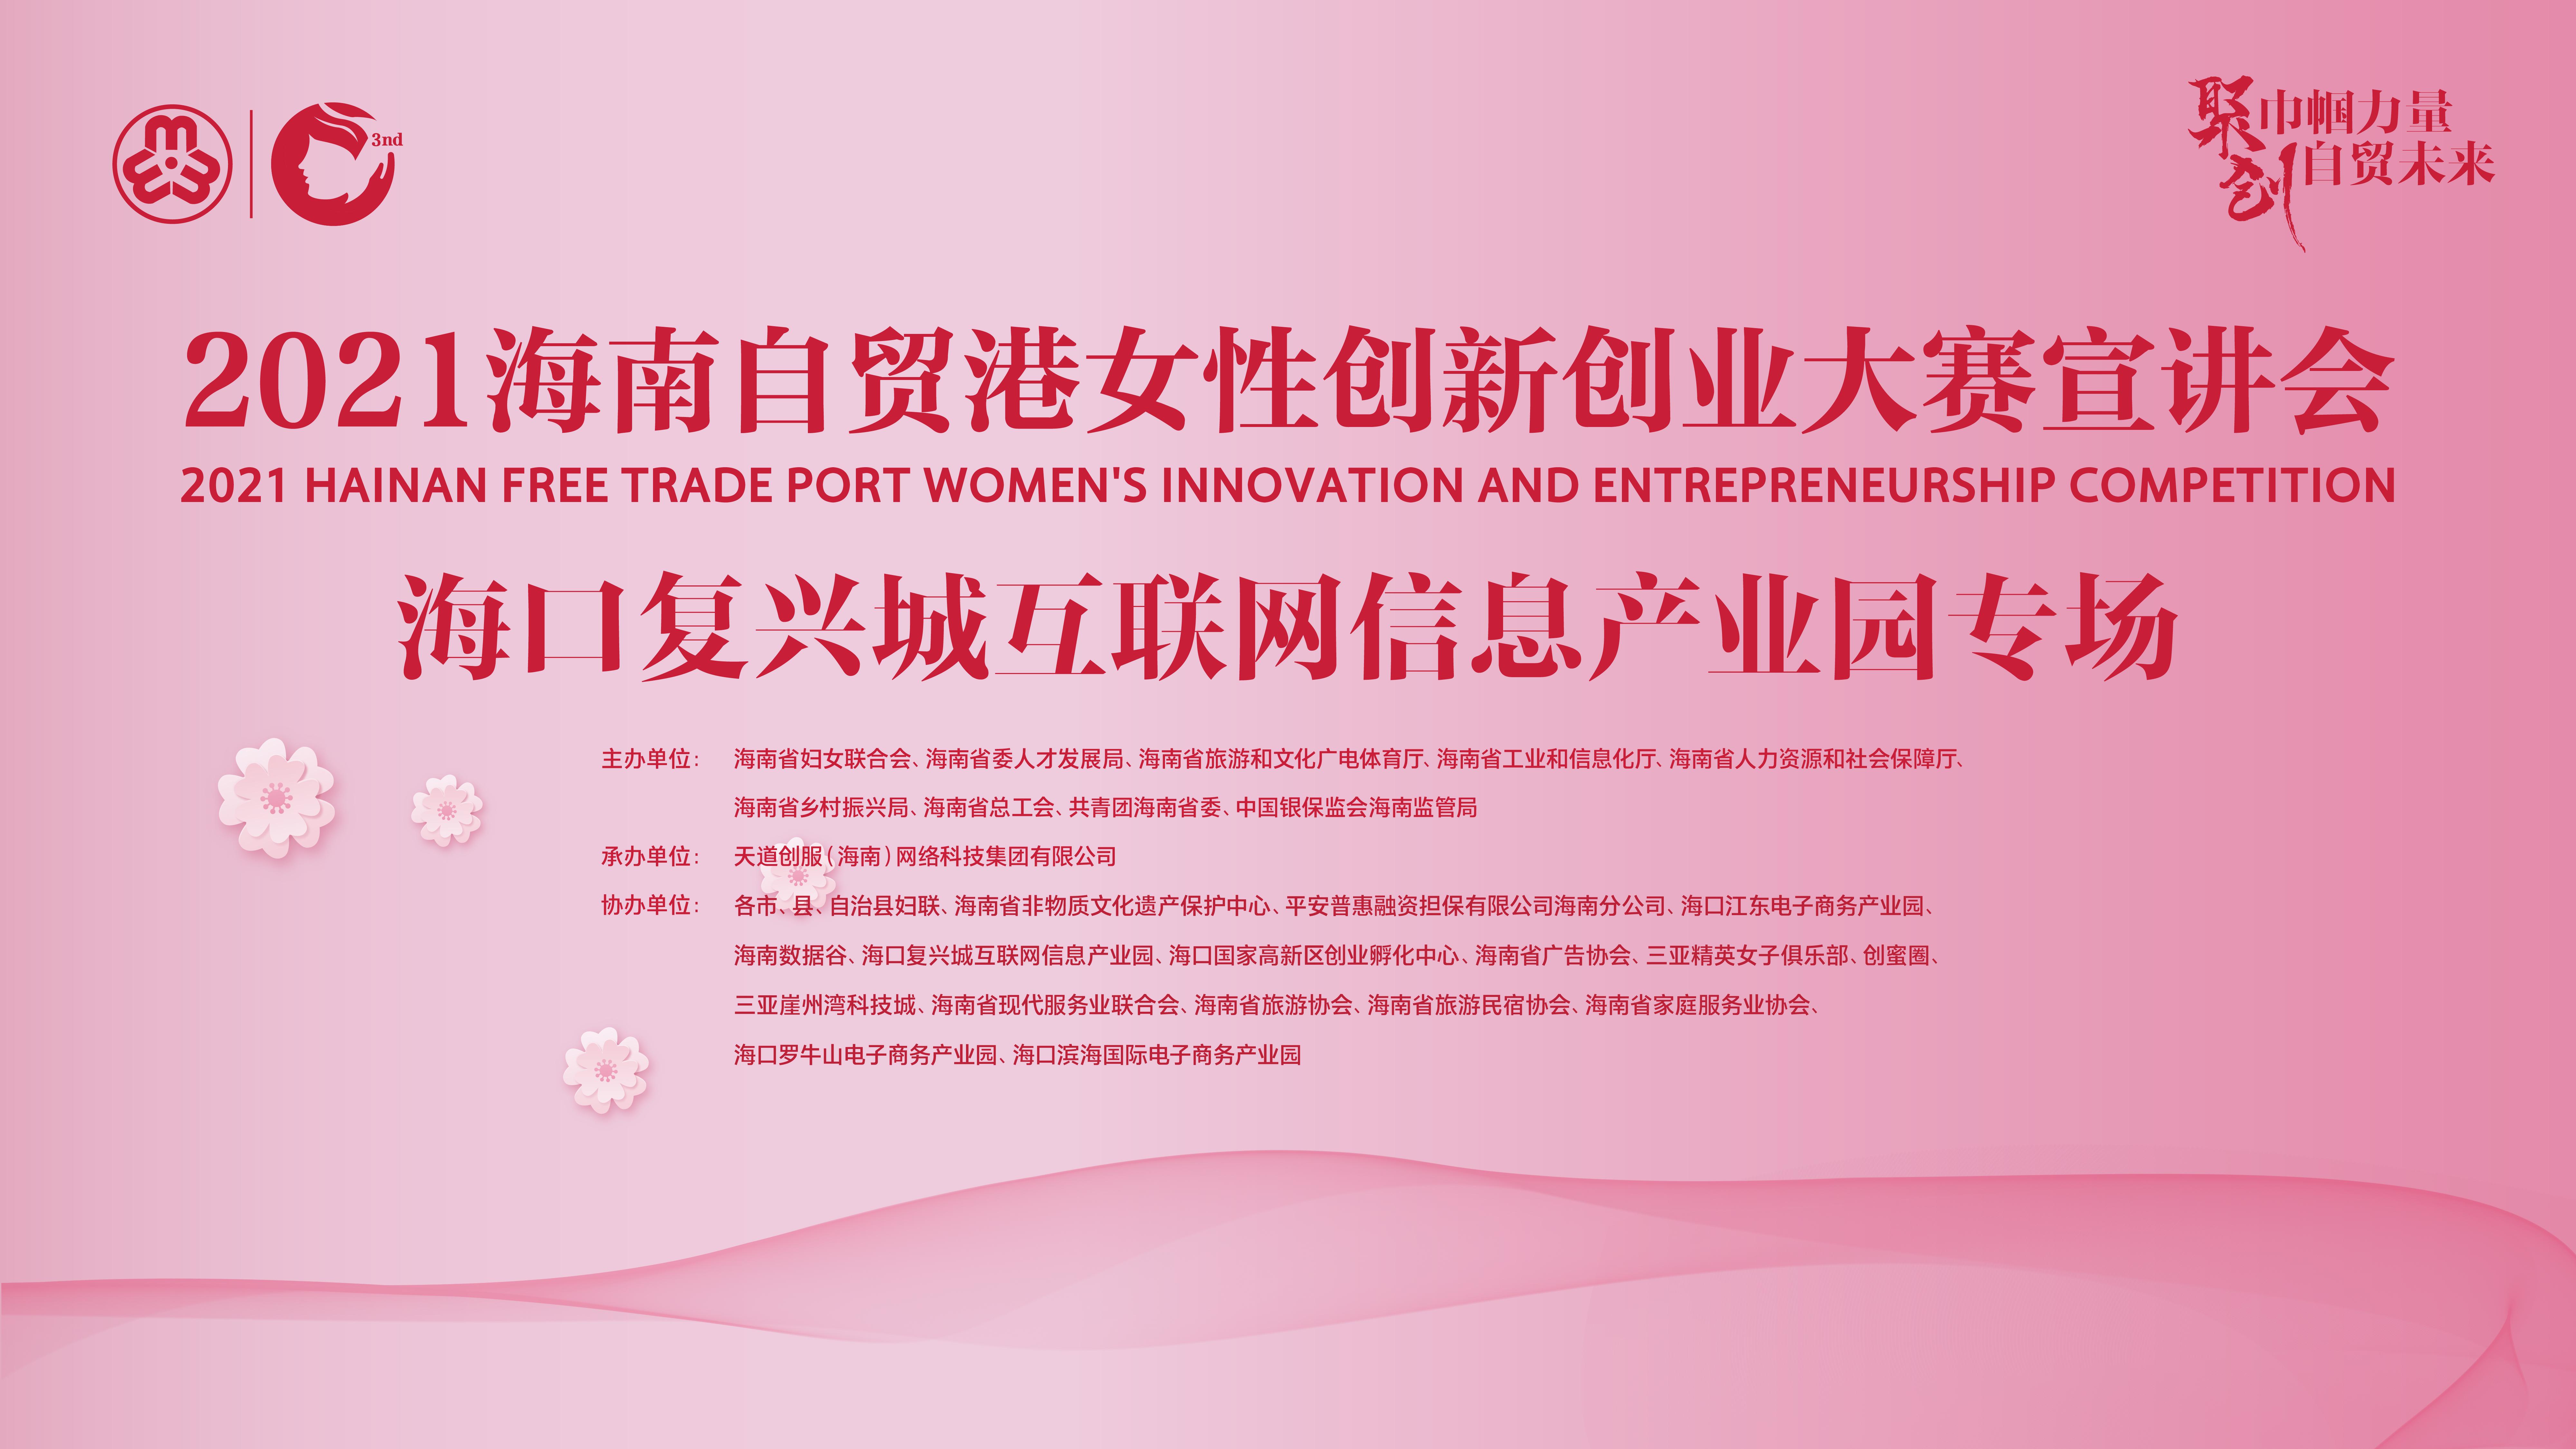 2021海南自贸港女性创新创业大赛宣讲会-海口复兴城互联网信息产业园专场